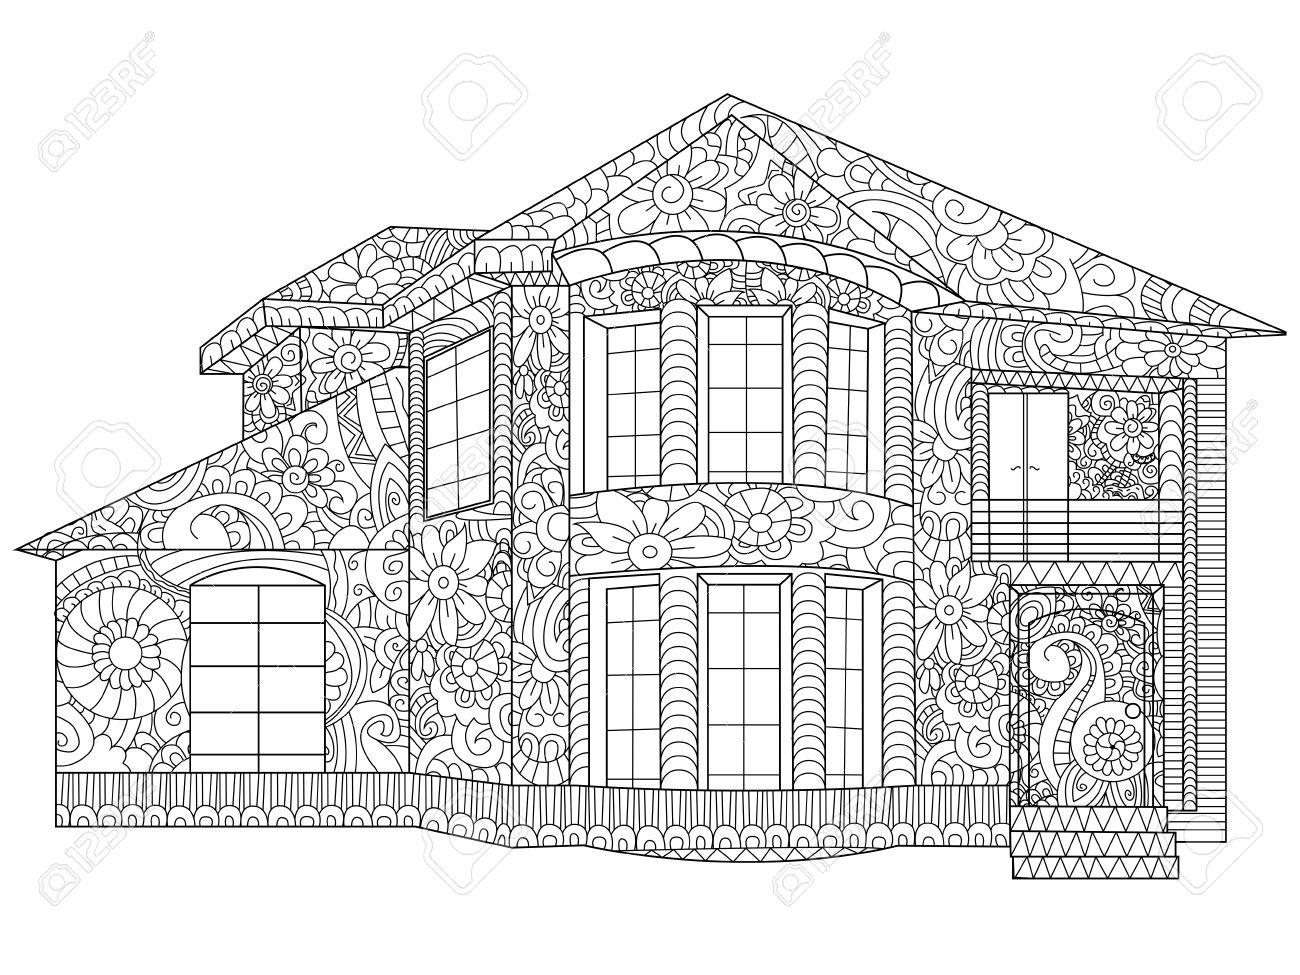 Silueta De Una Casa Para Colorear. Dibujo Para Imprimir Recortar ...